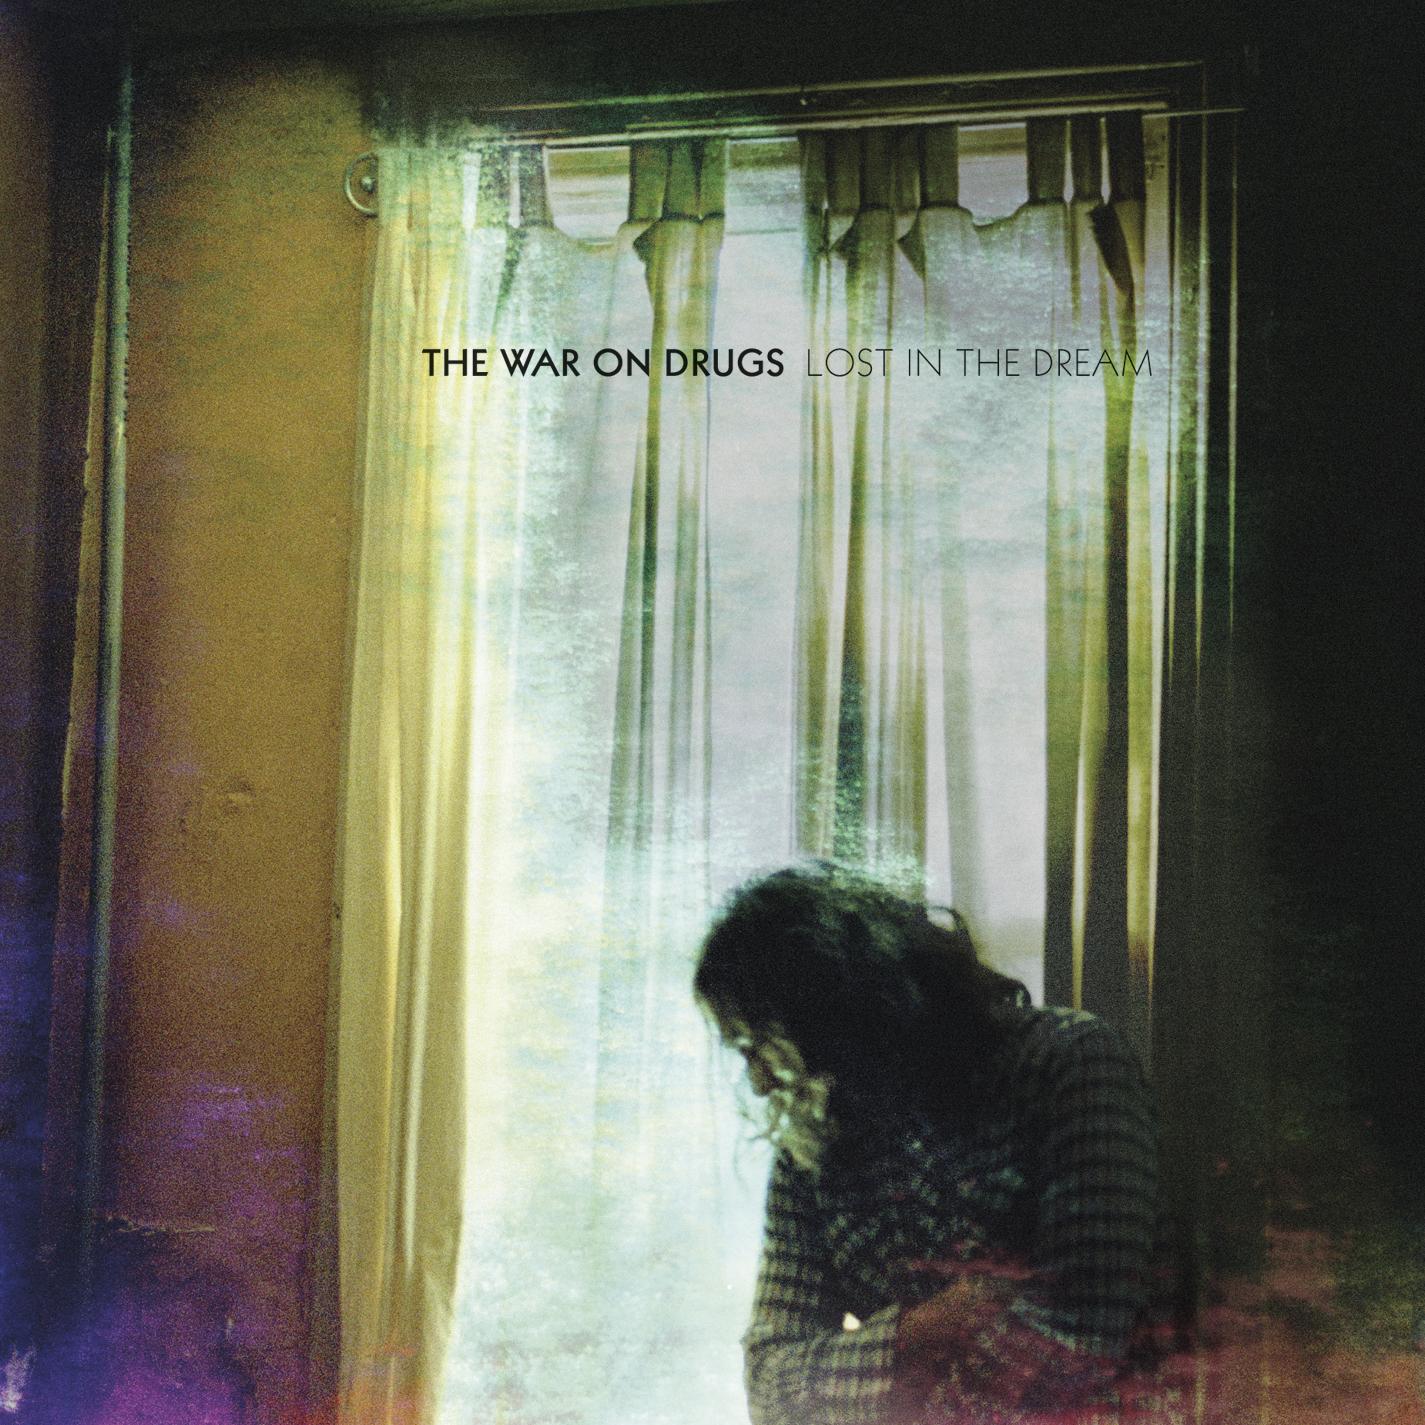 https://i1.wp.com/cdn2.thelineofbestfit.com/media/2014/war_on_drugs_album_cover.jpg